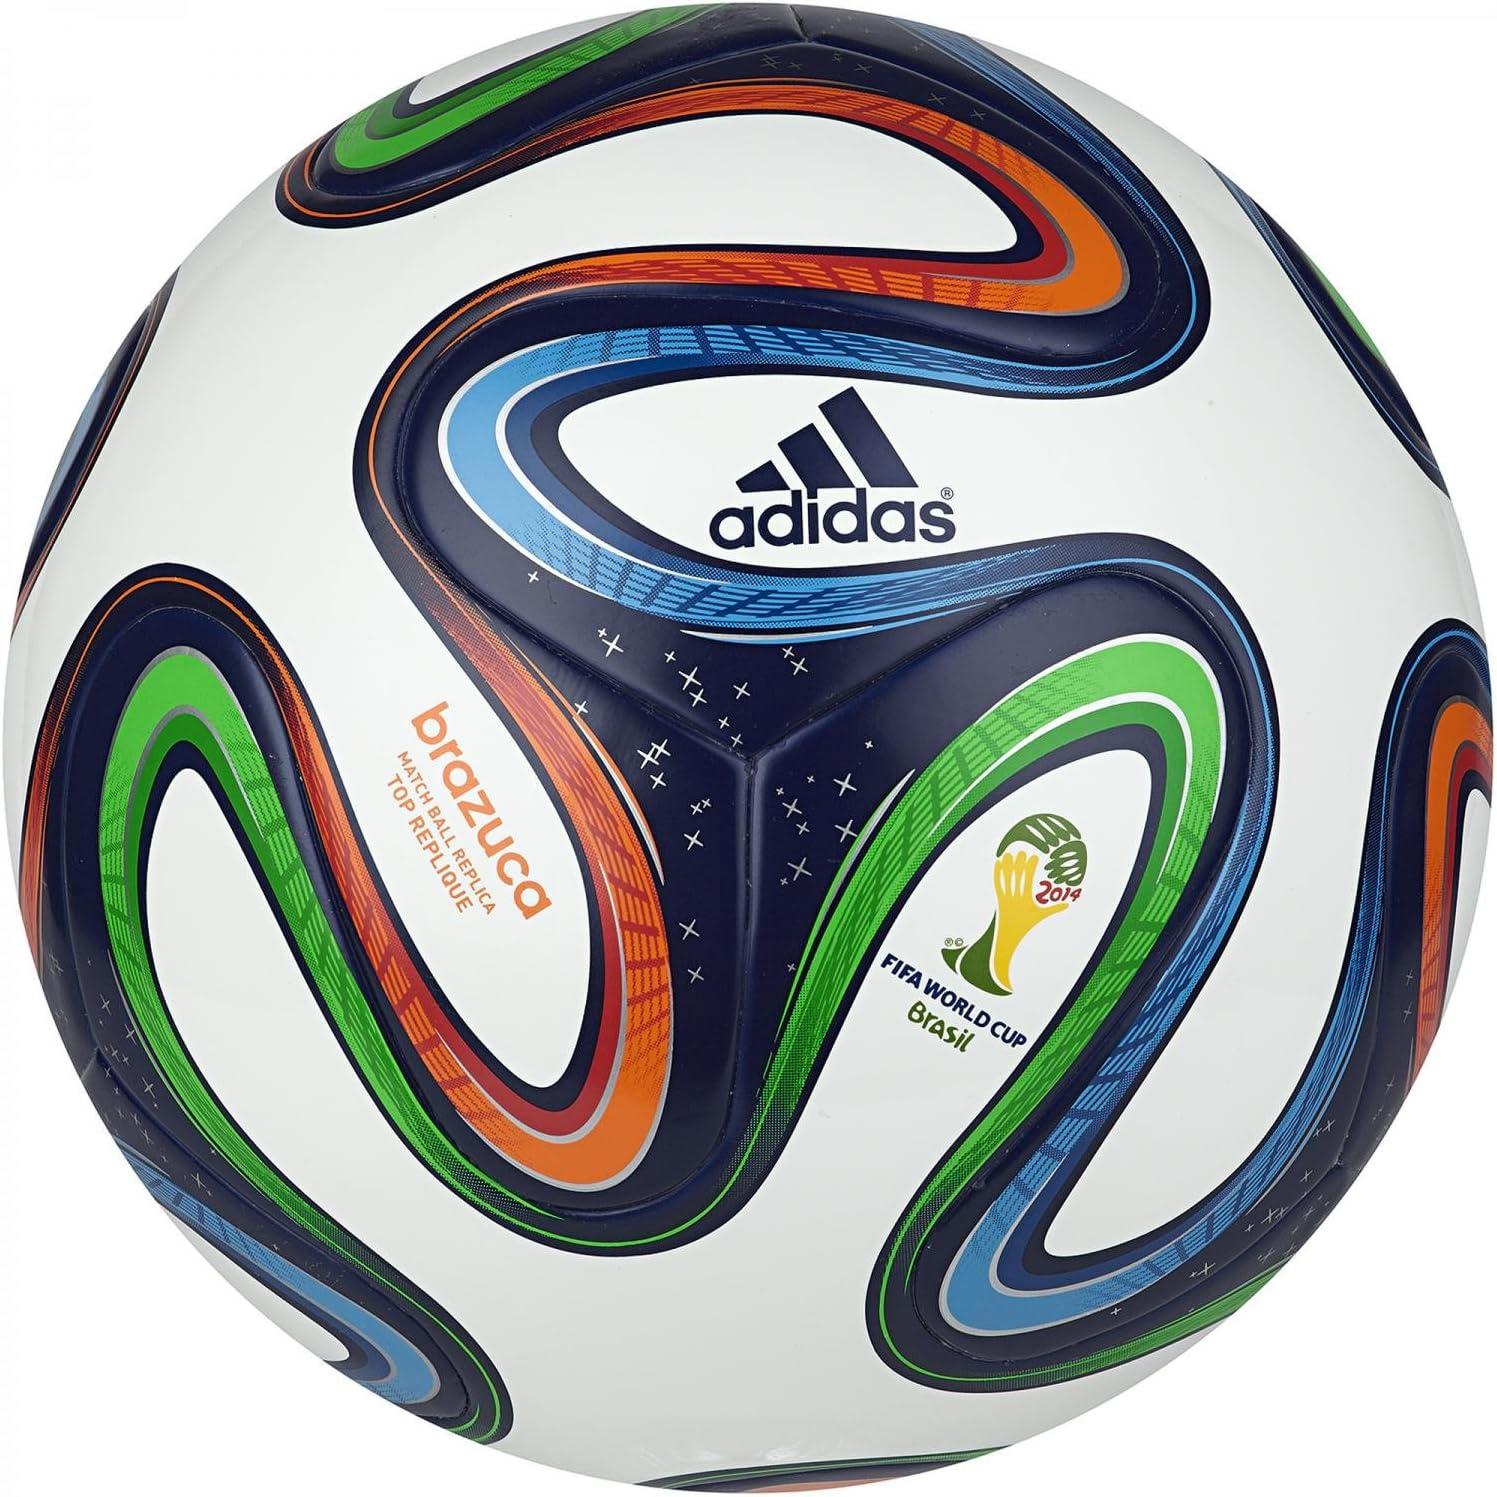 adidas Hombres Brazuca con balón Pelota, Unisex, Color - Multi ...